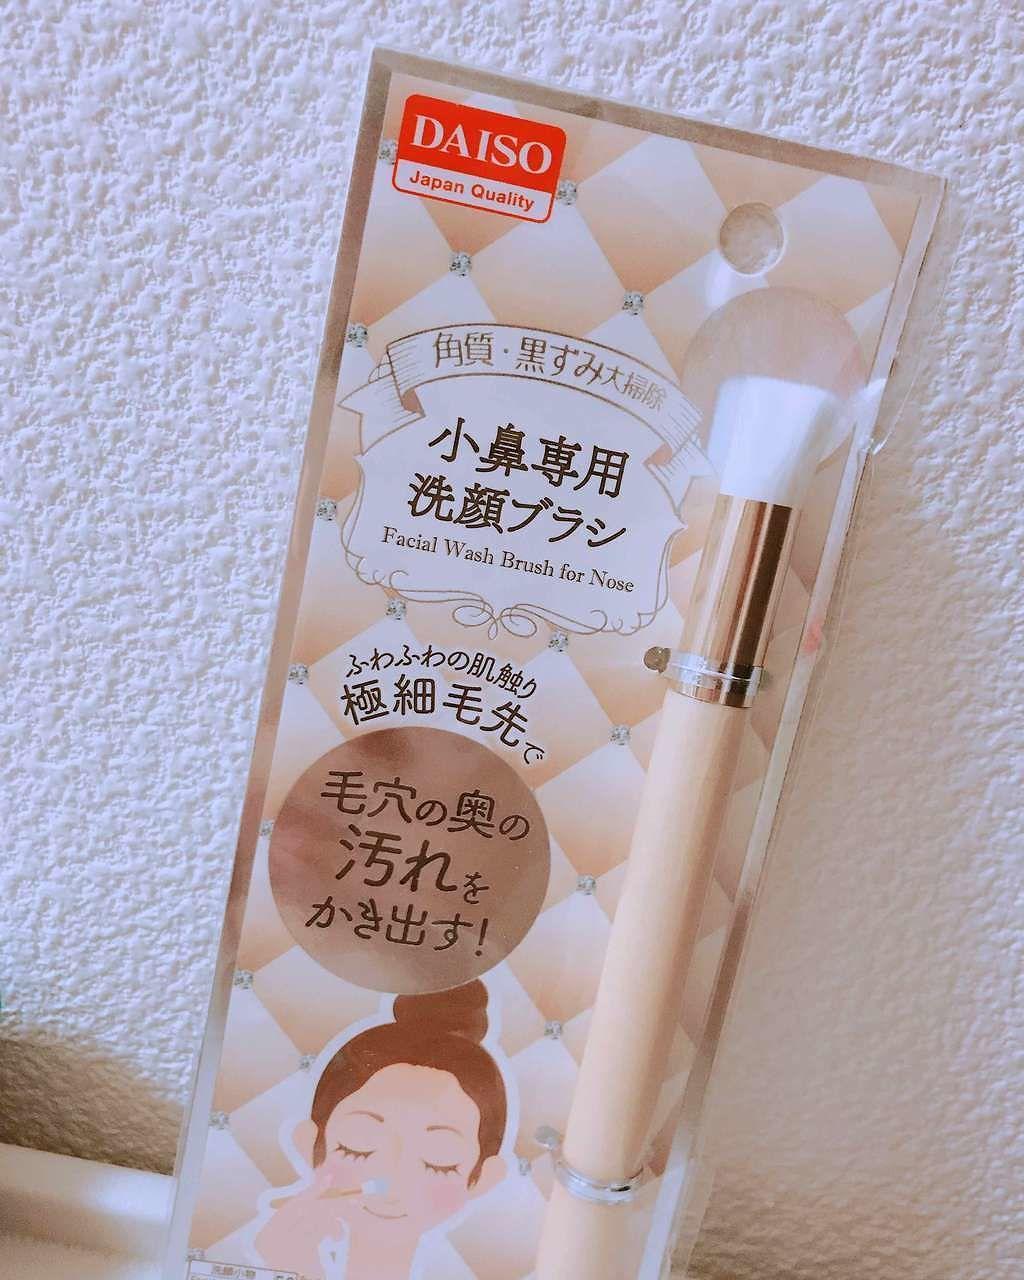 ザ・ダイソー,小鼻専用 洗顔ブラシ